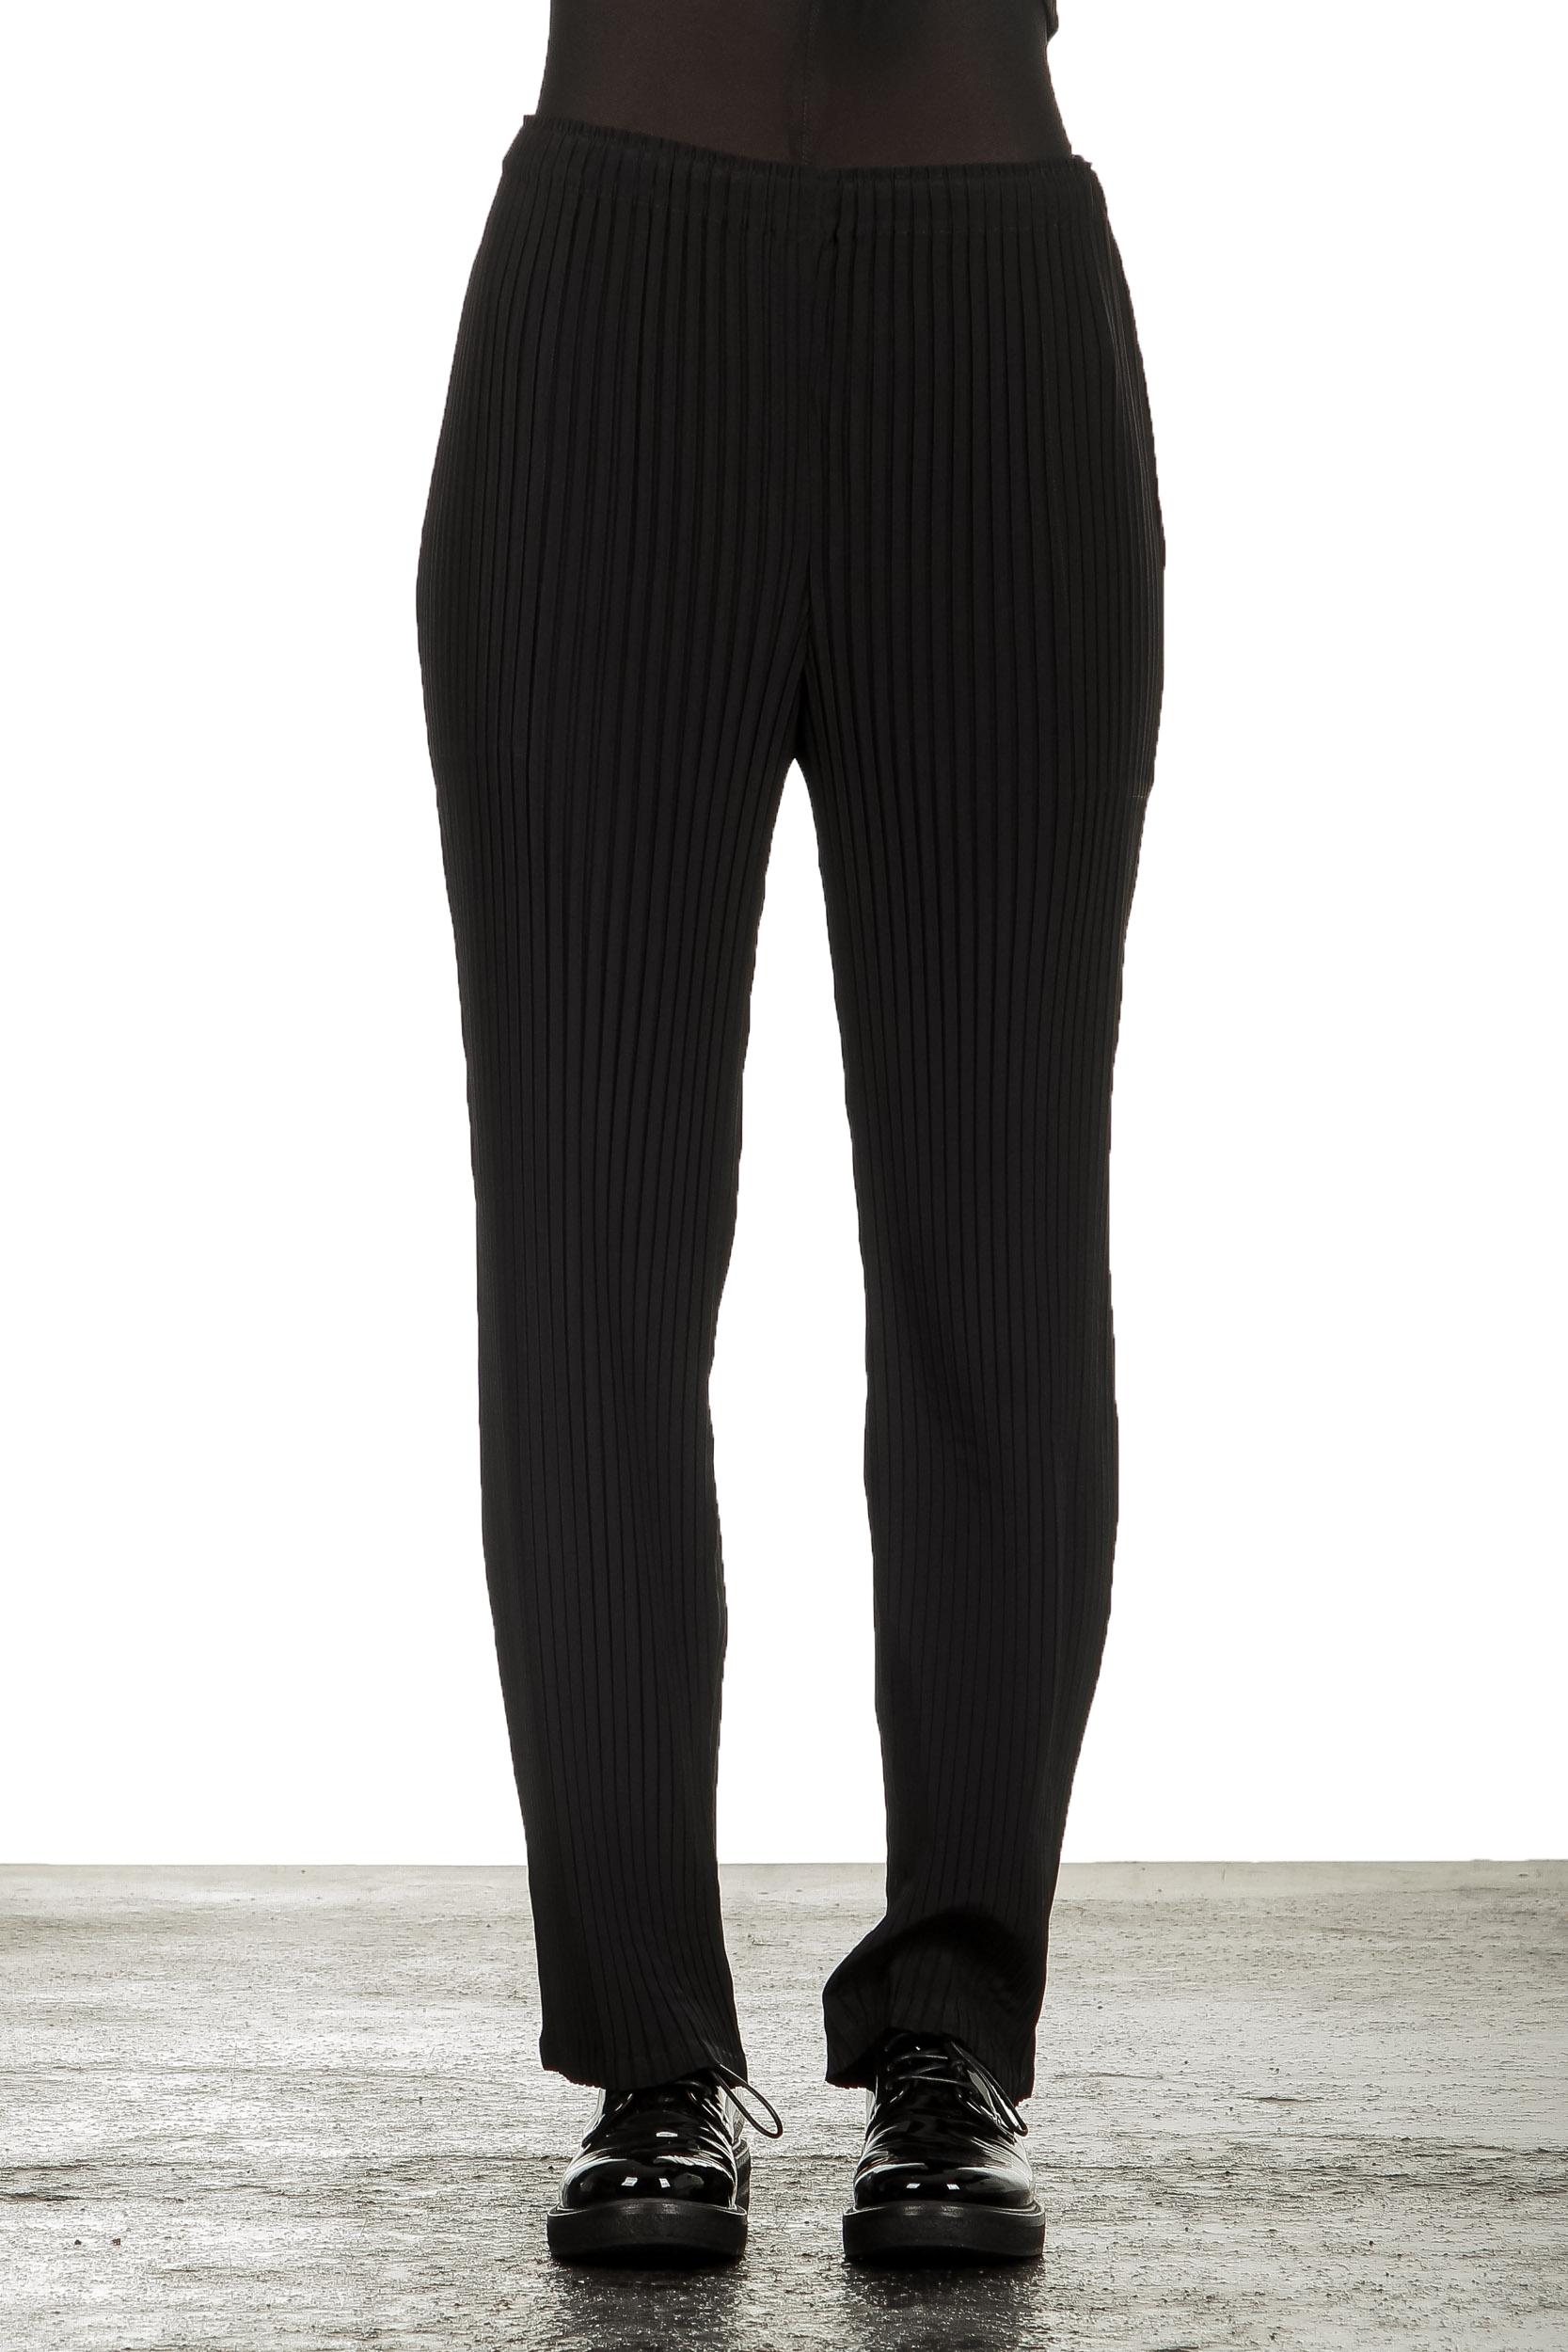 Hosen - Issey Miyake Damen Plissierte Hose schwarz  - Onlineshop Luxury Loft